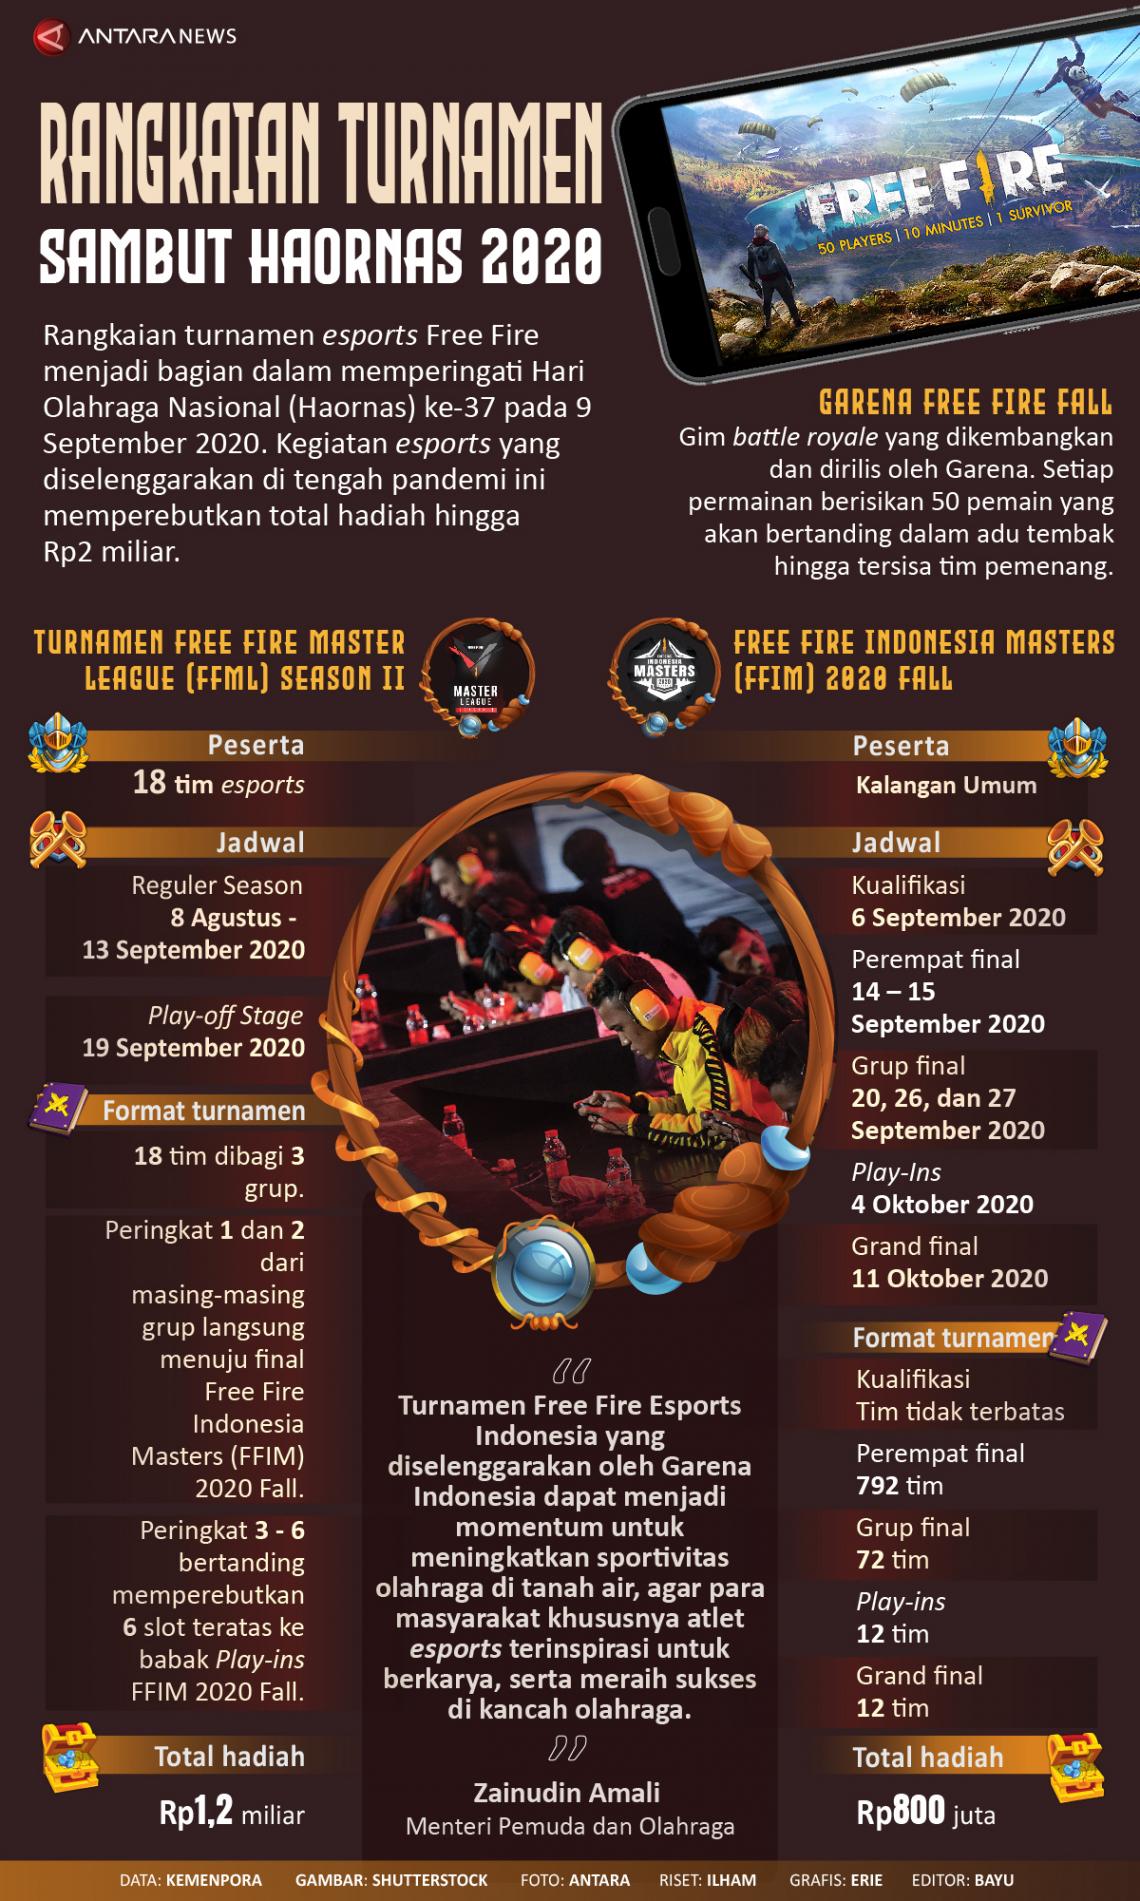 Rangkaian turnamen Free Fire sambut Haornas 2020